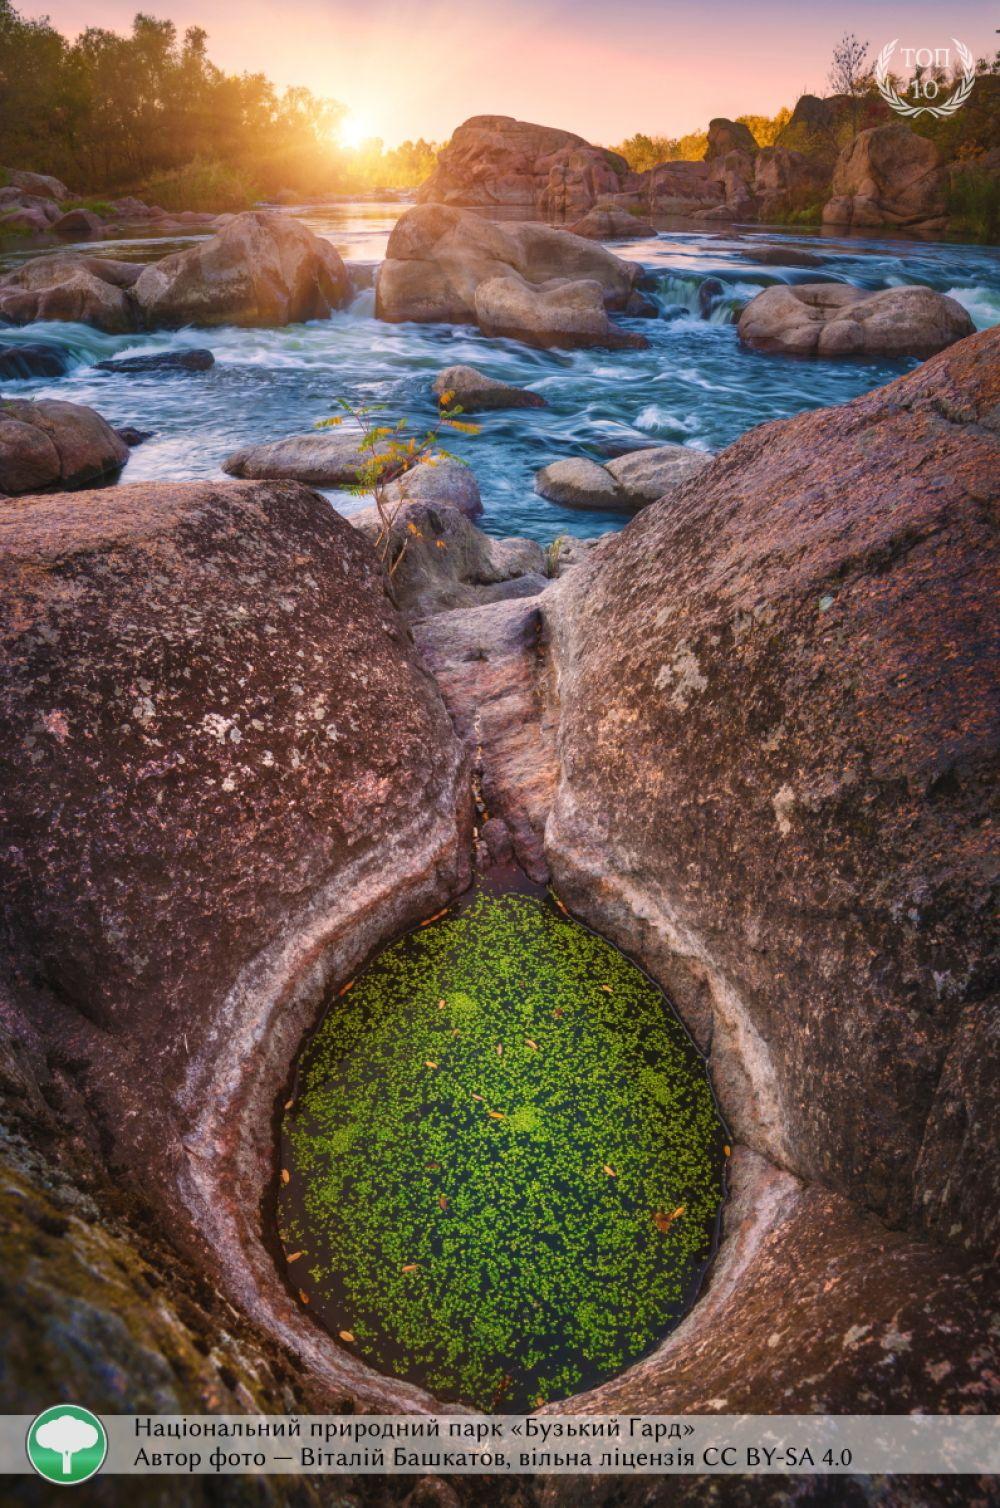 Еще одна фотография необычайной красоты сделана в том же парке «Бужский Гард». Автор - Виталий Башкатов.